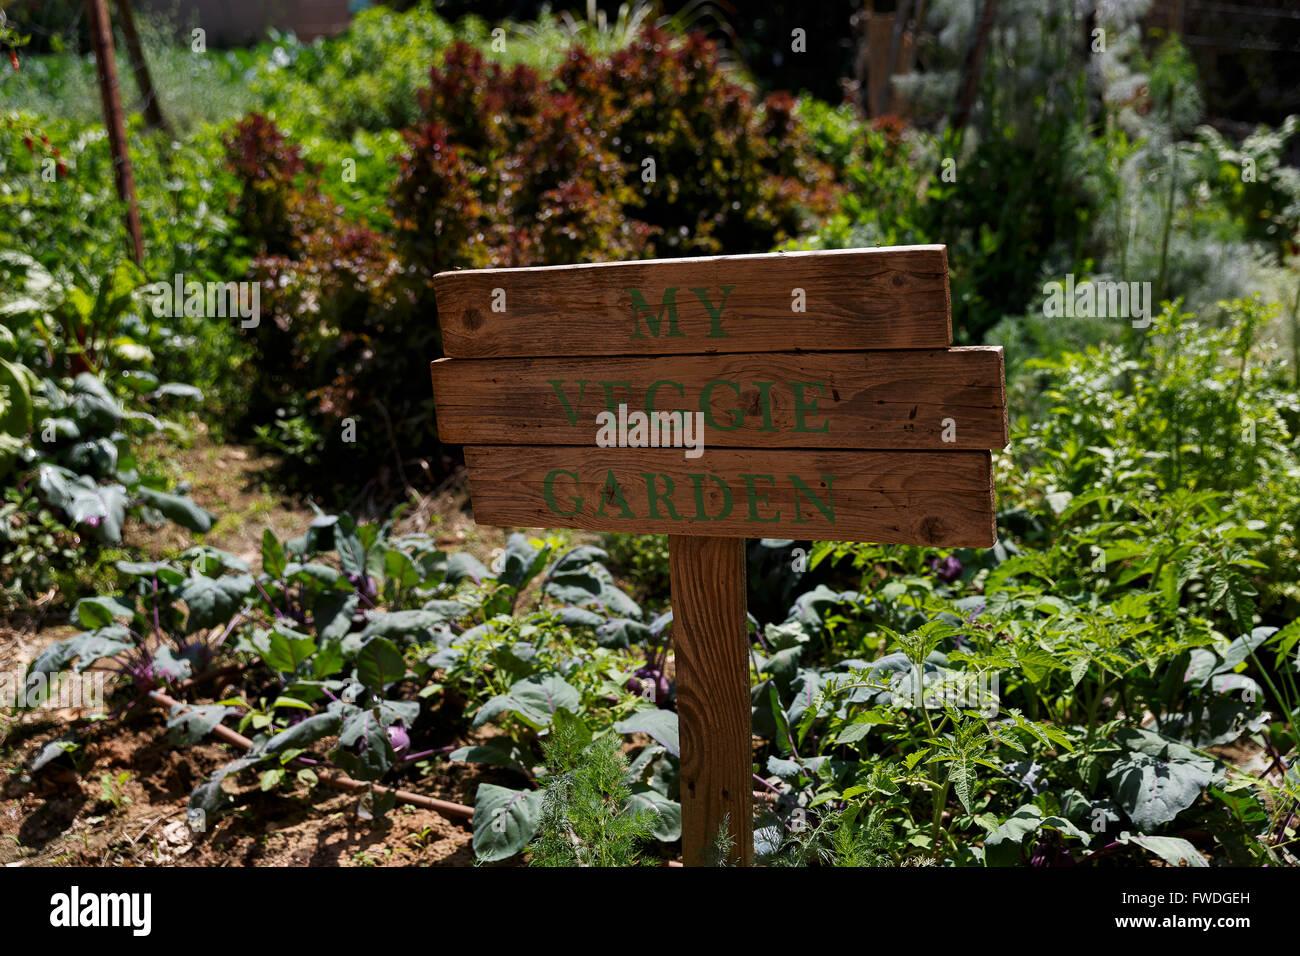 Veggie Garden Stock Photos & Veggie Garden Stock Images - Alamy